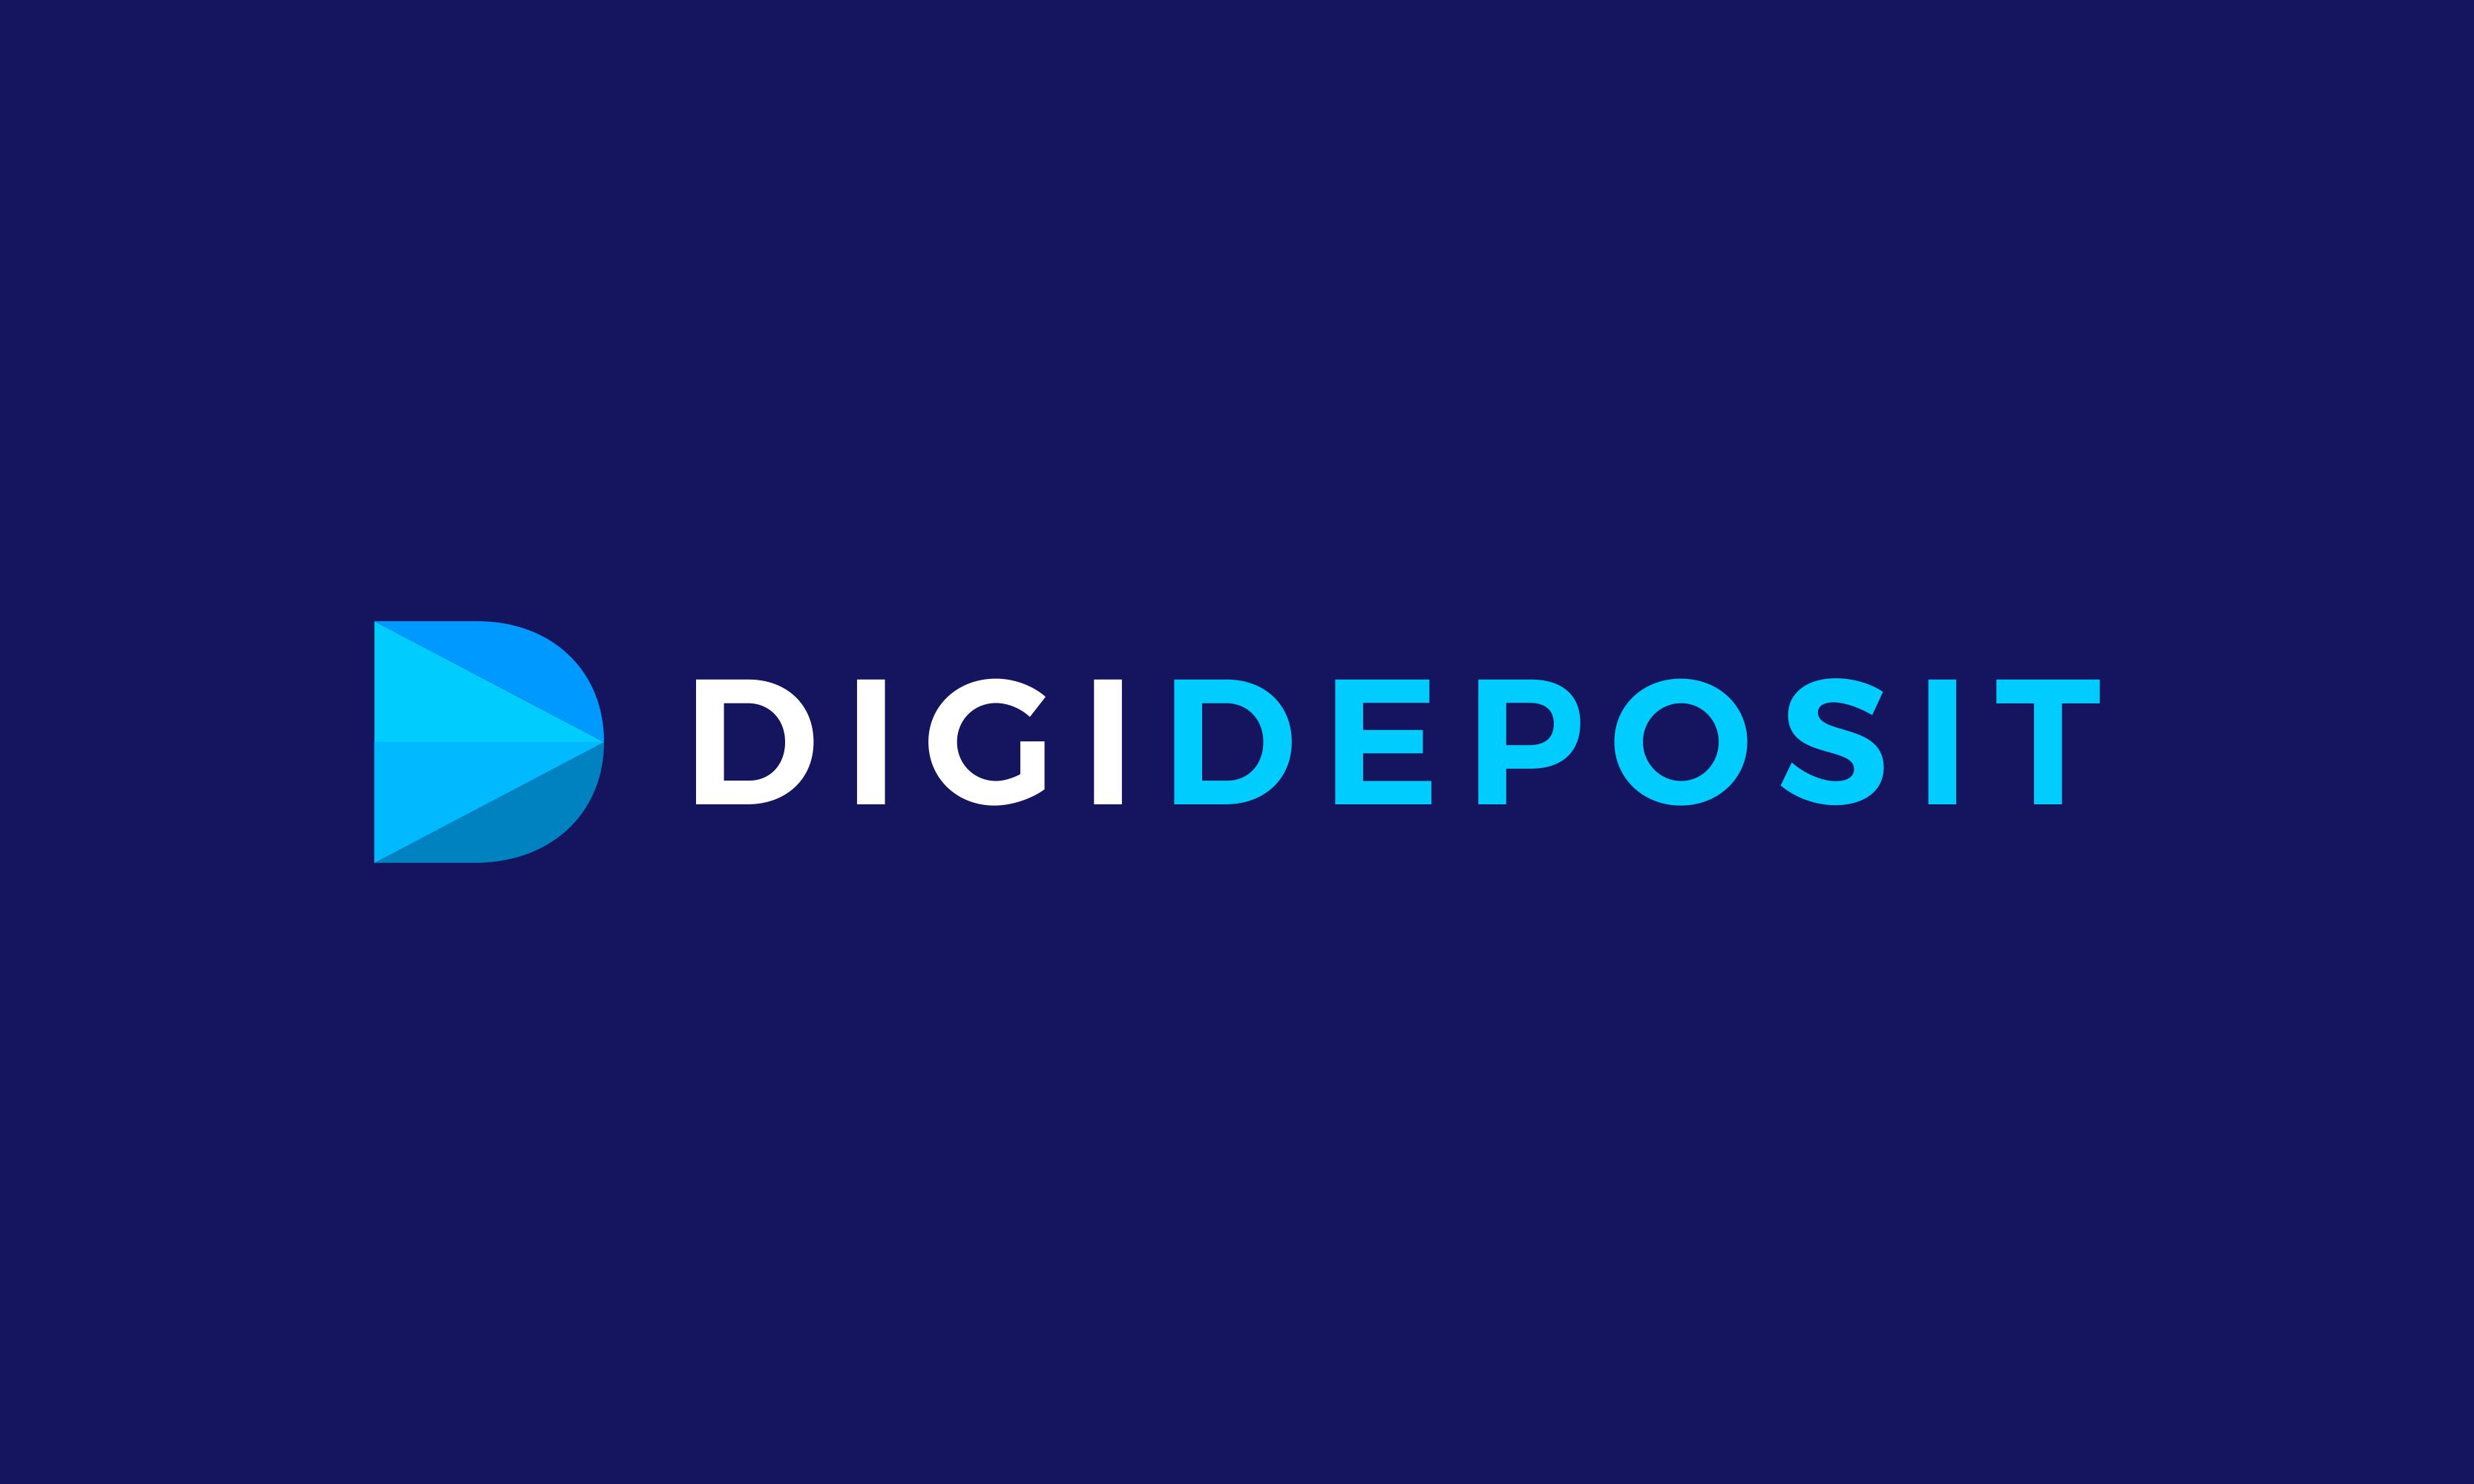 Digideposit